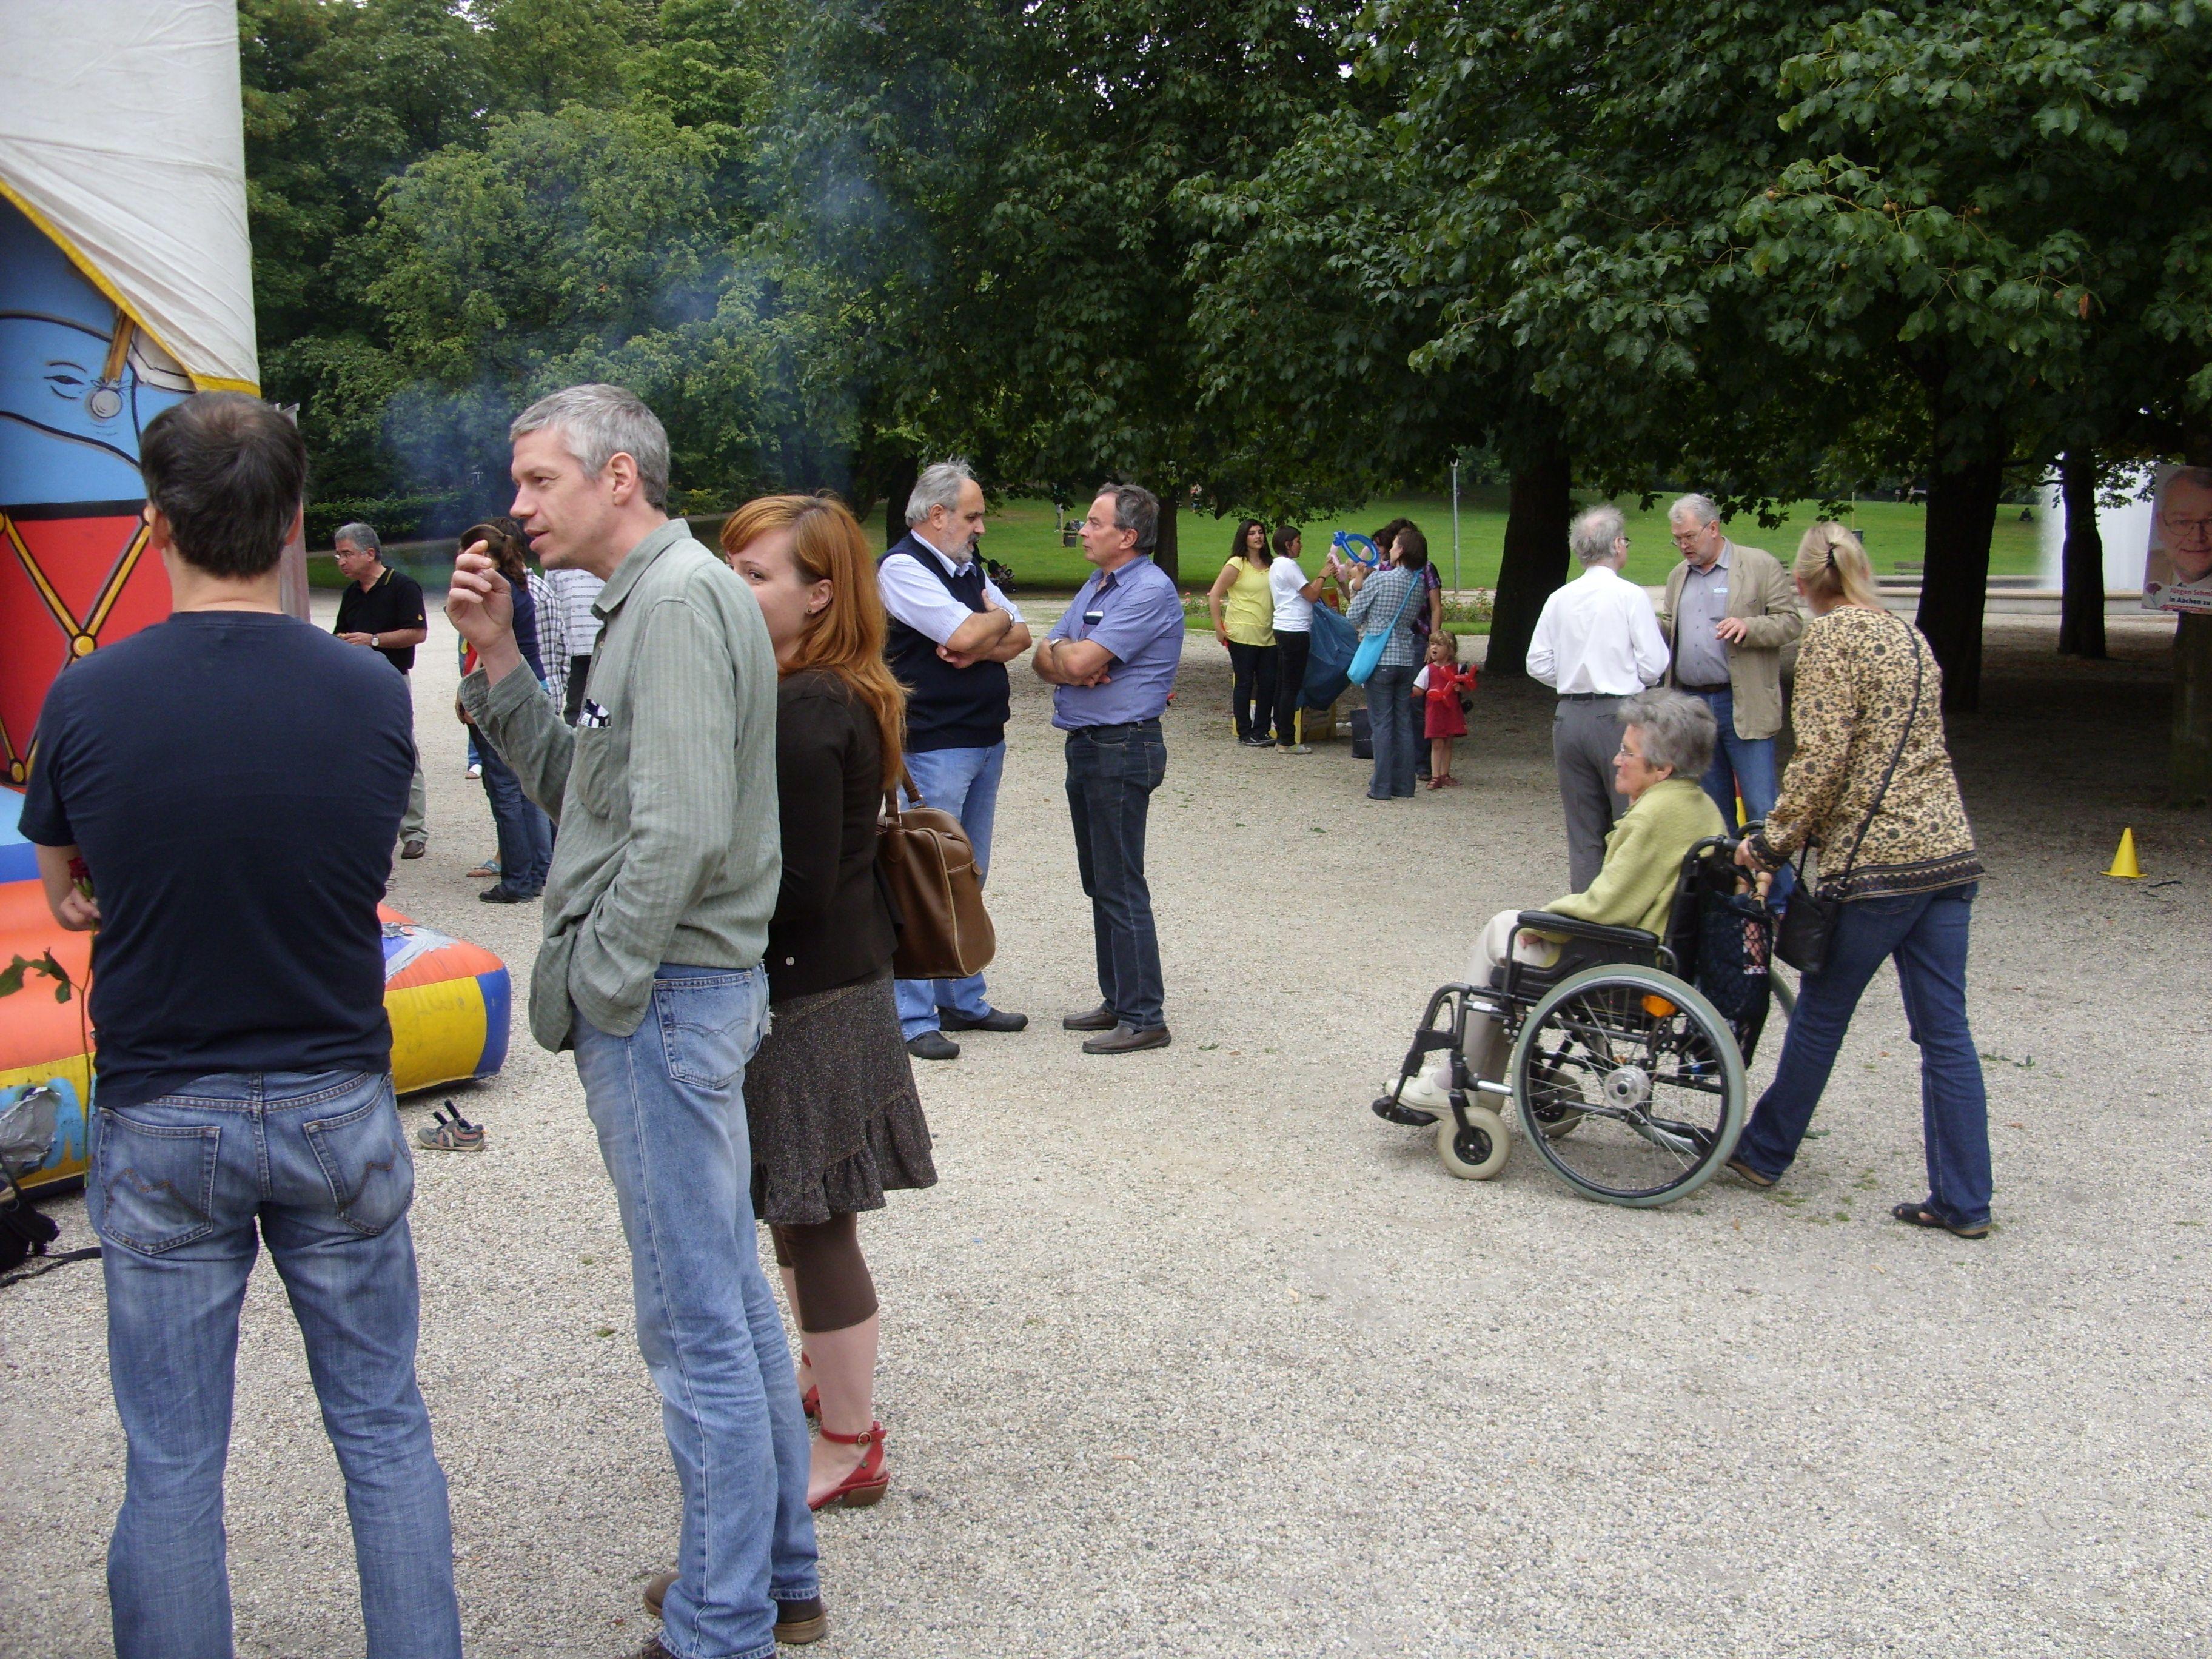 Familienfest im Stadtpark sehr gut besucht